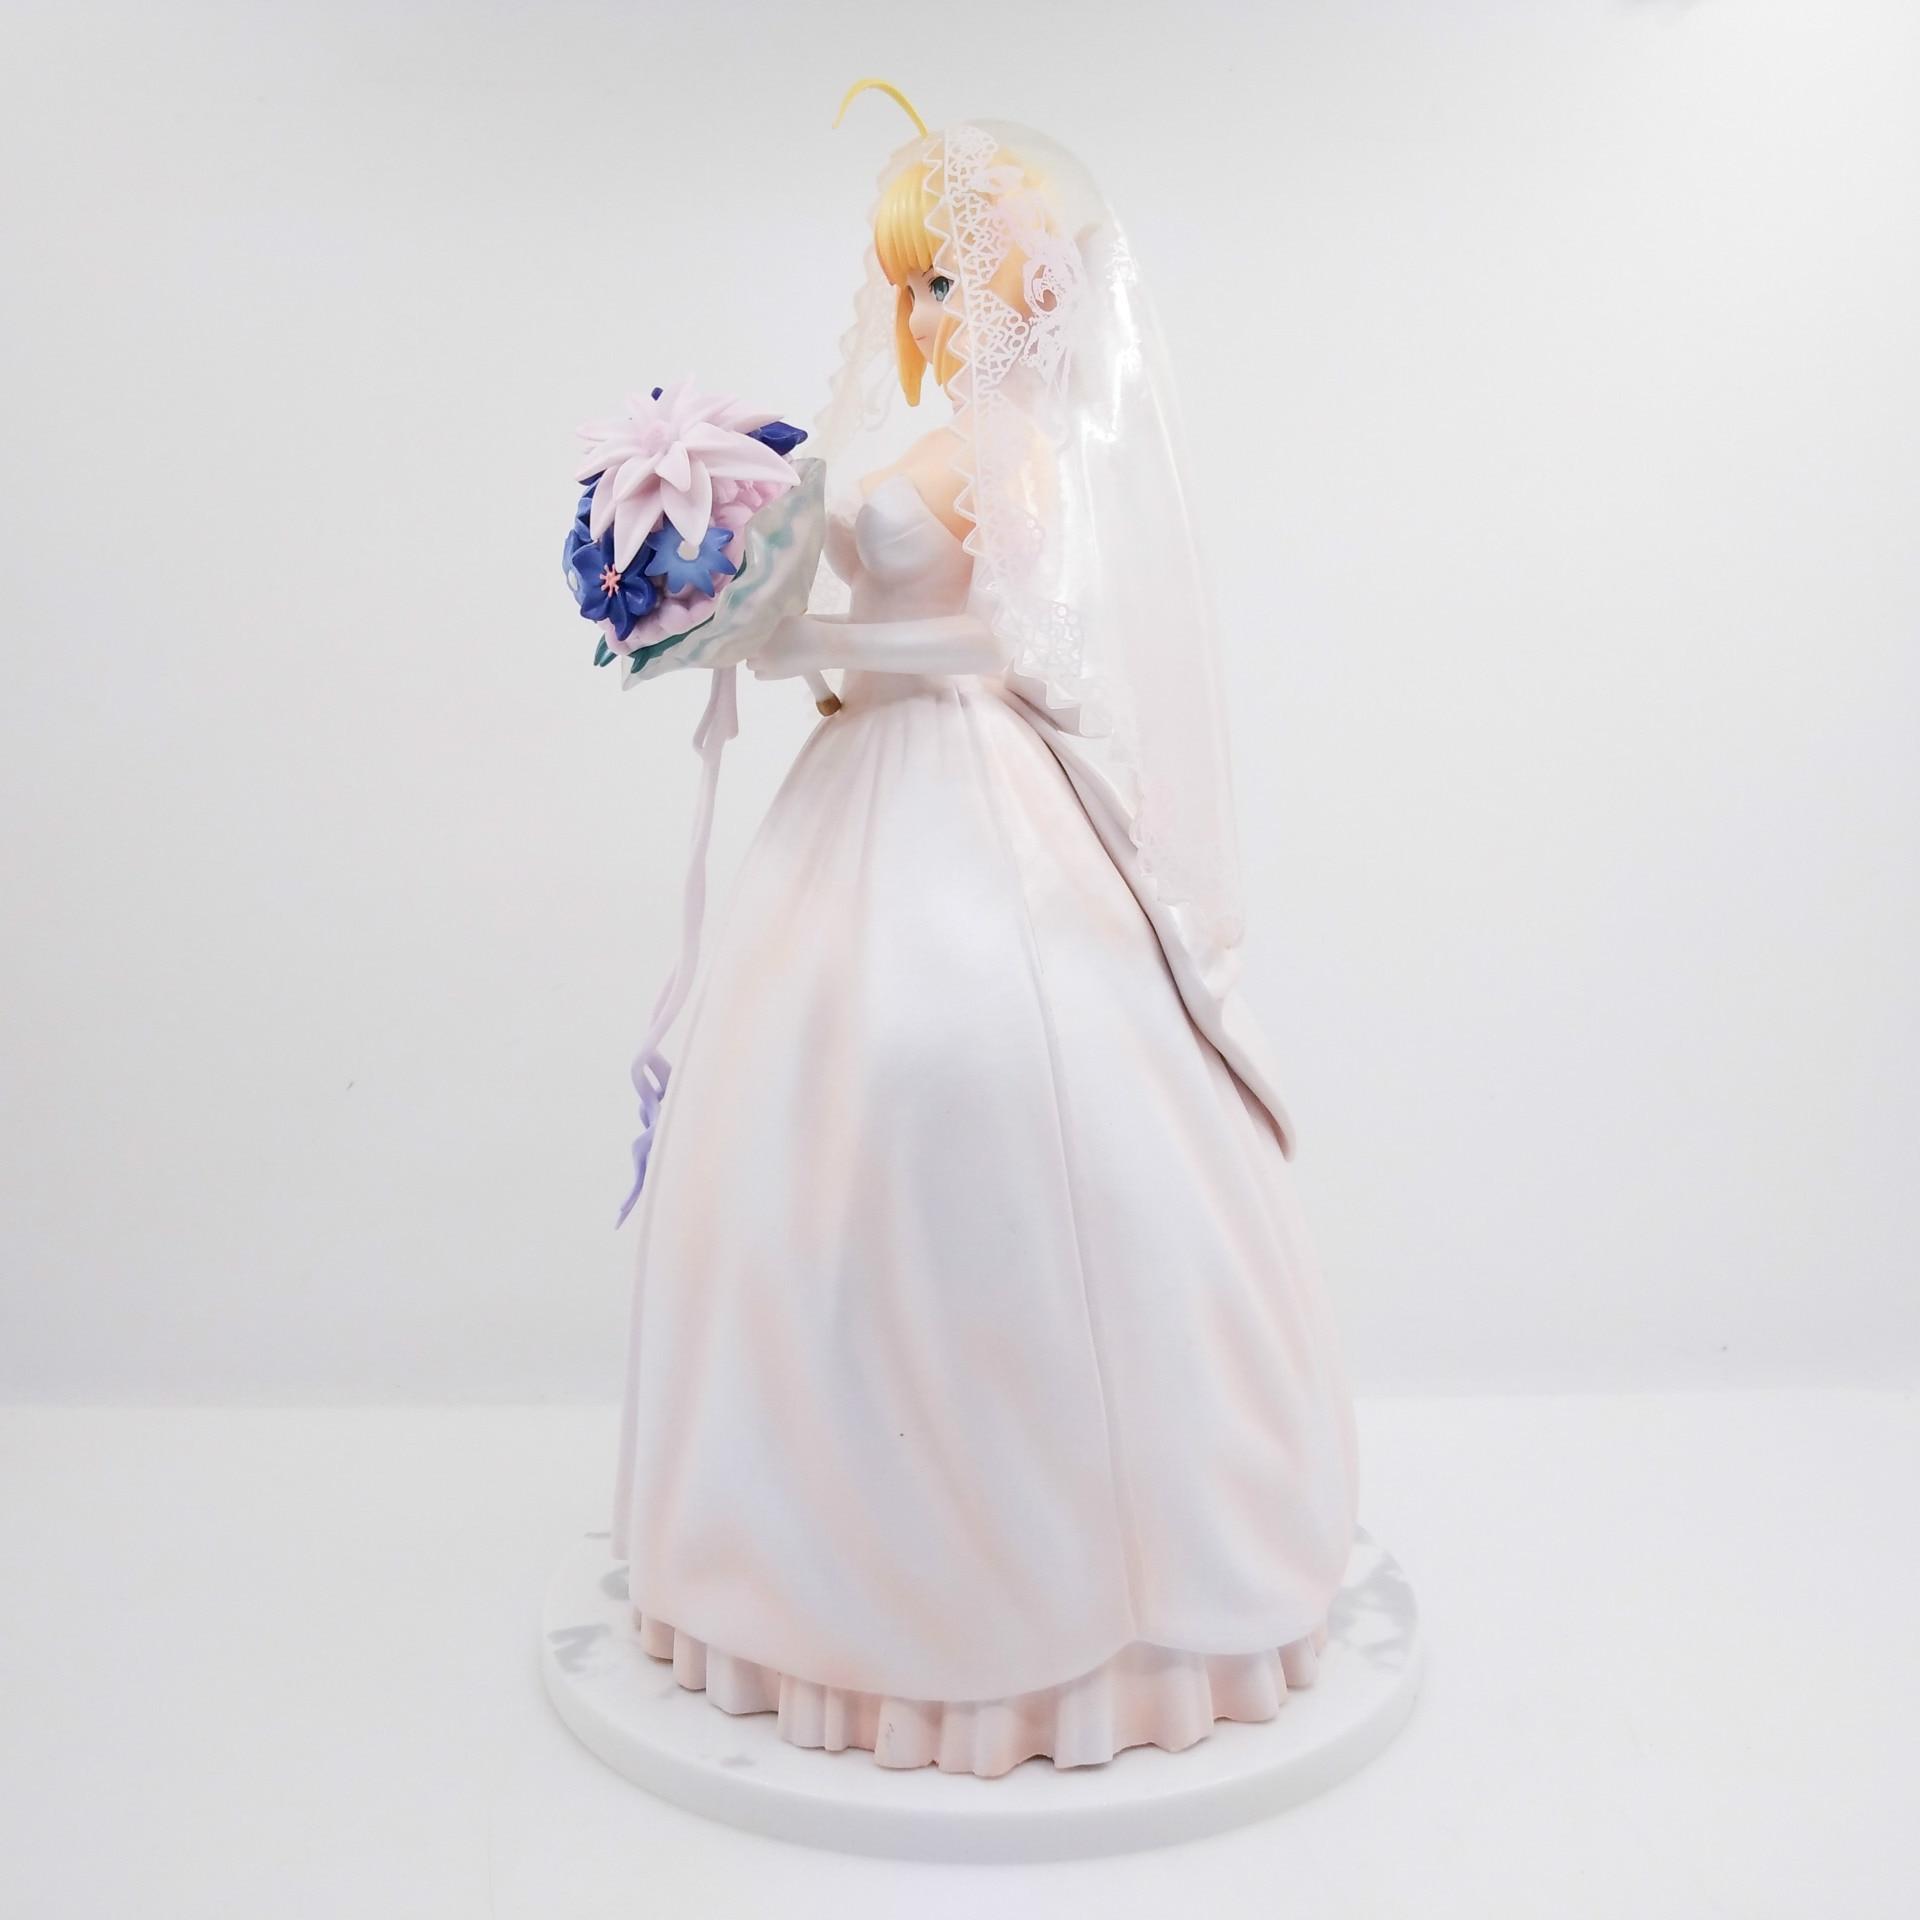 Destin/séjour sabre de nuit lily robe royale robe de mariée blanche 10th anniversaire figurine d'action PVC 25 cm collection sabre poupée de mariage - 3